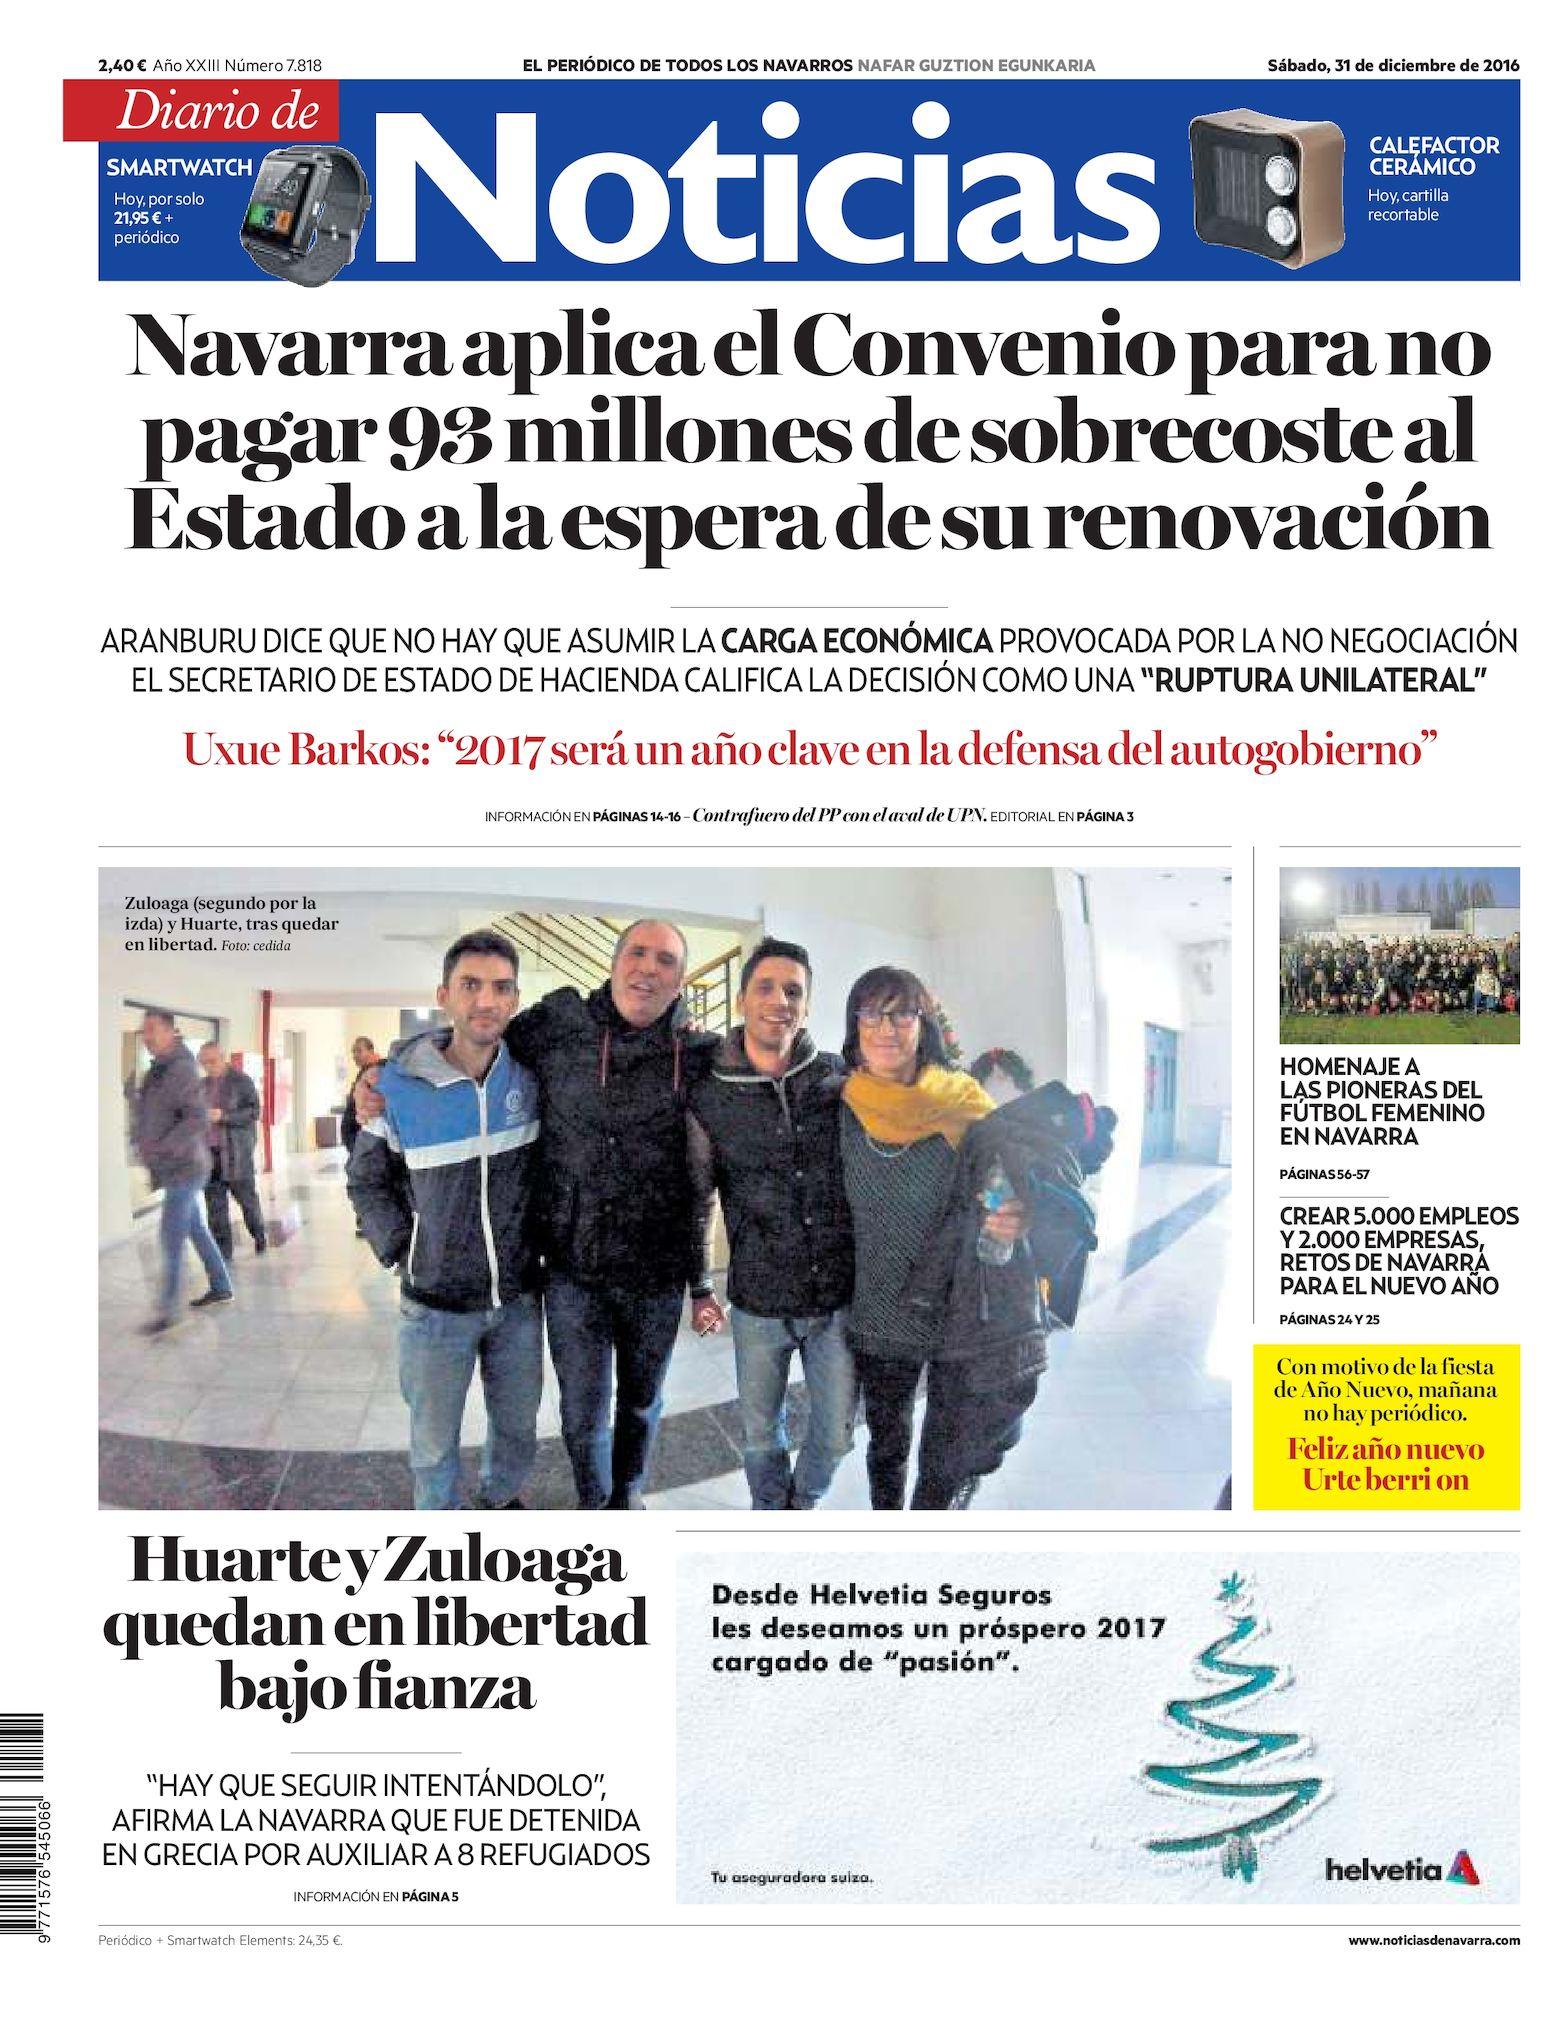 e993aa4b8a Calaméo - Diario de Noticias 20161231